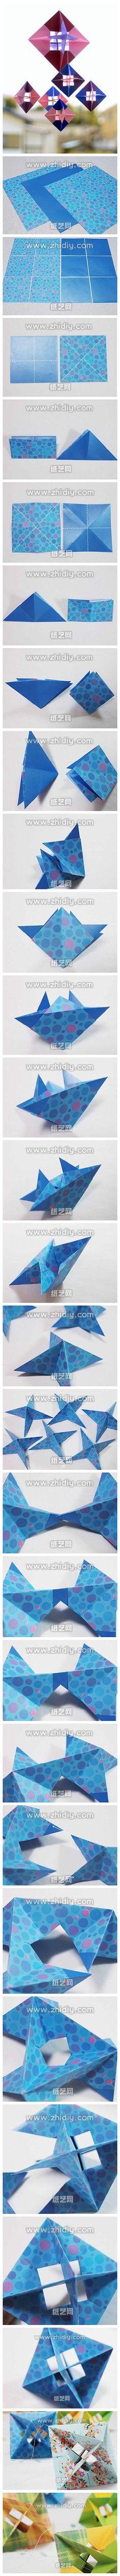 Fascino di tessuto fatto a mano tutorial di origami di carta fai da te derivata esercitazione origami diagrammi